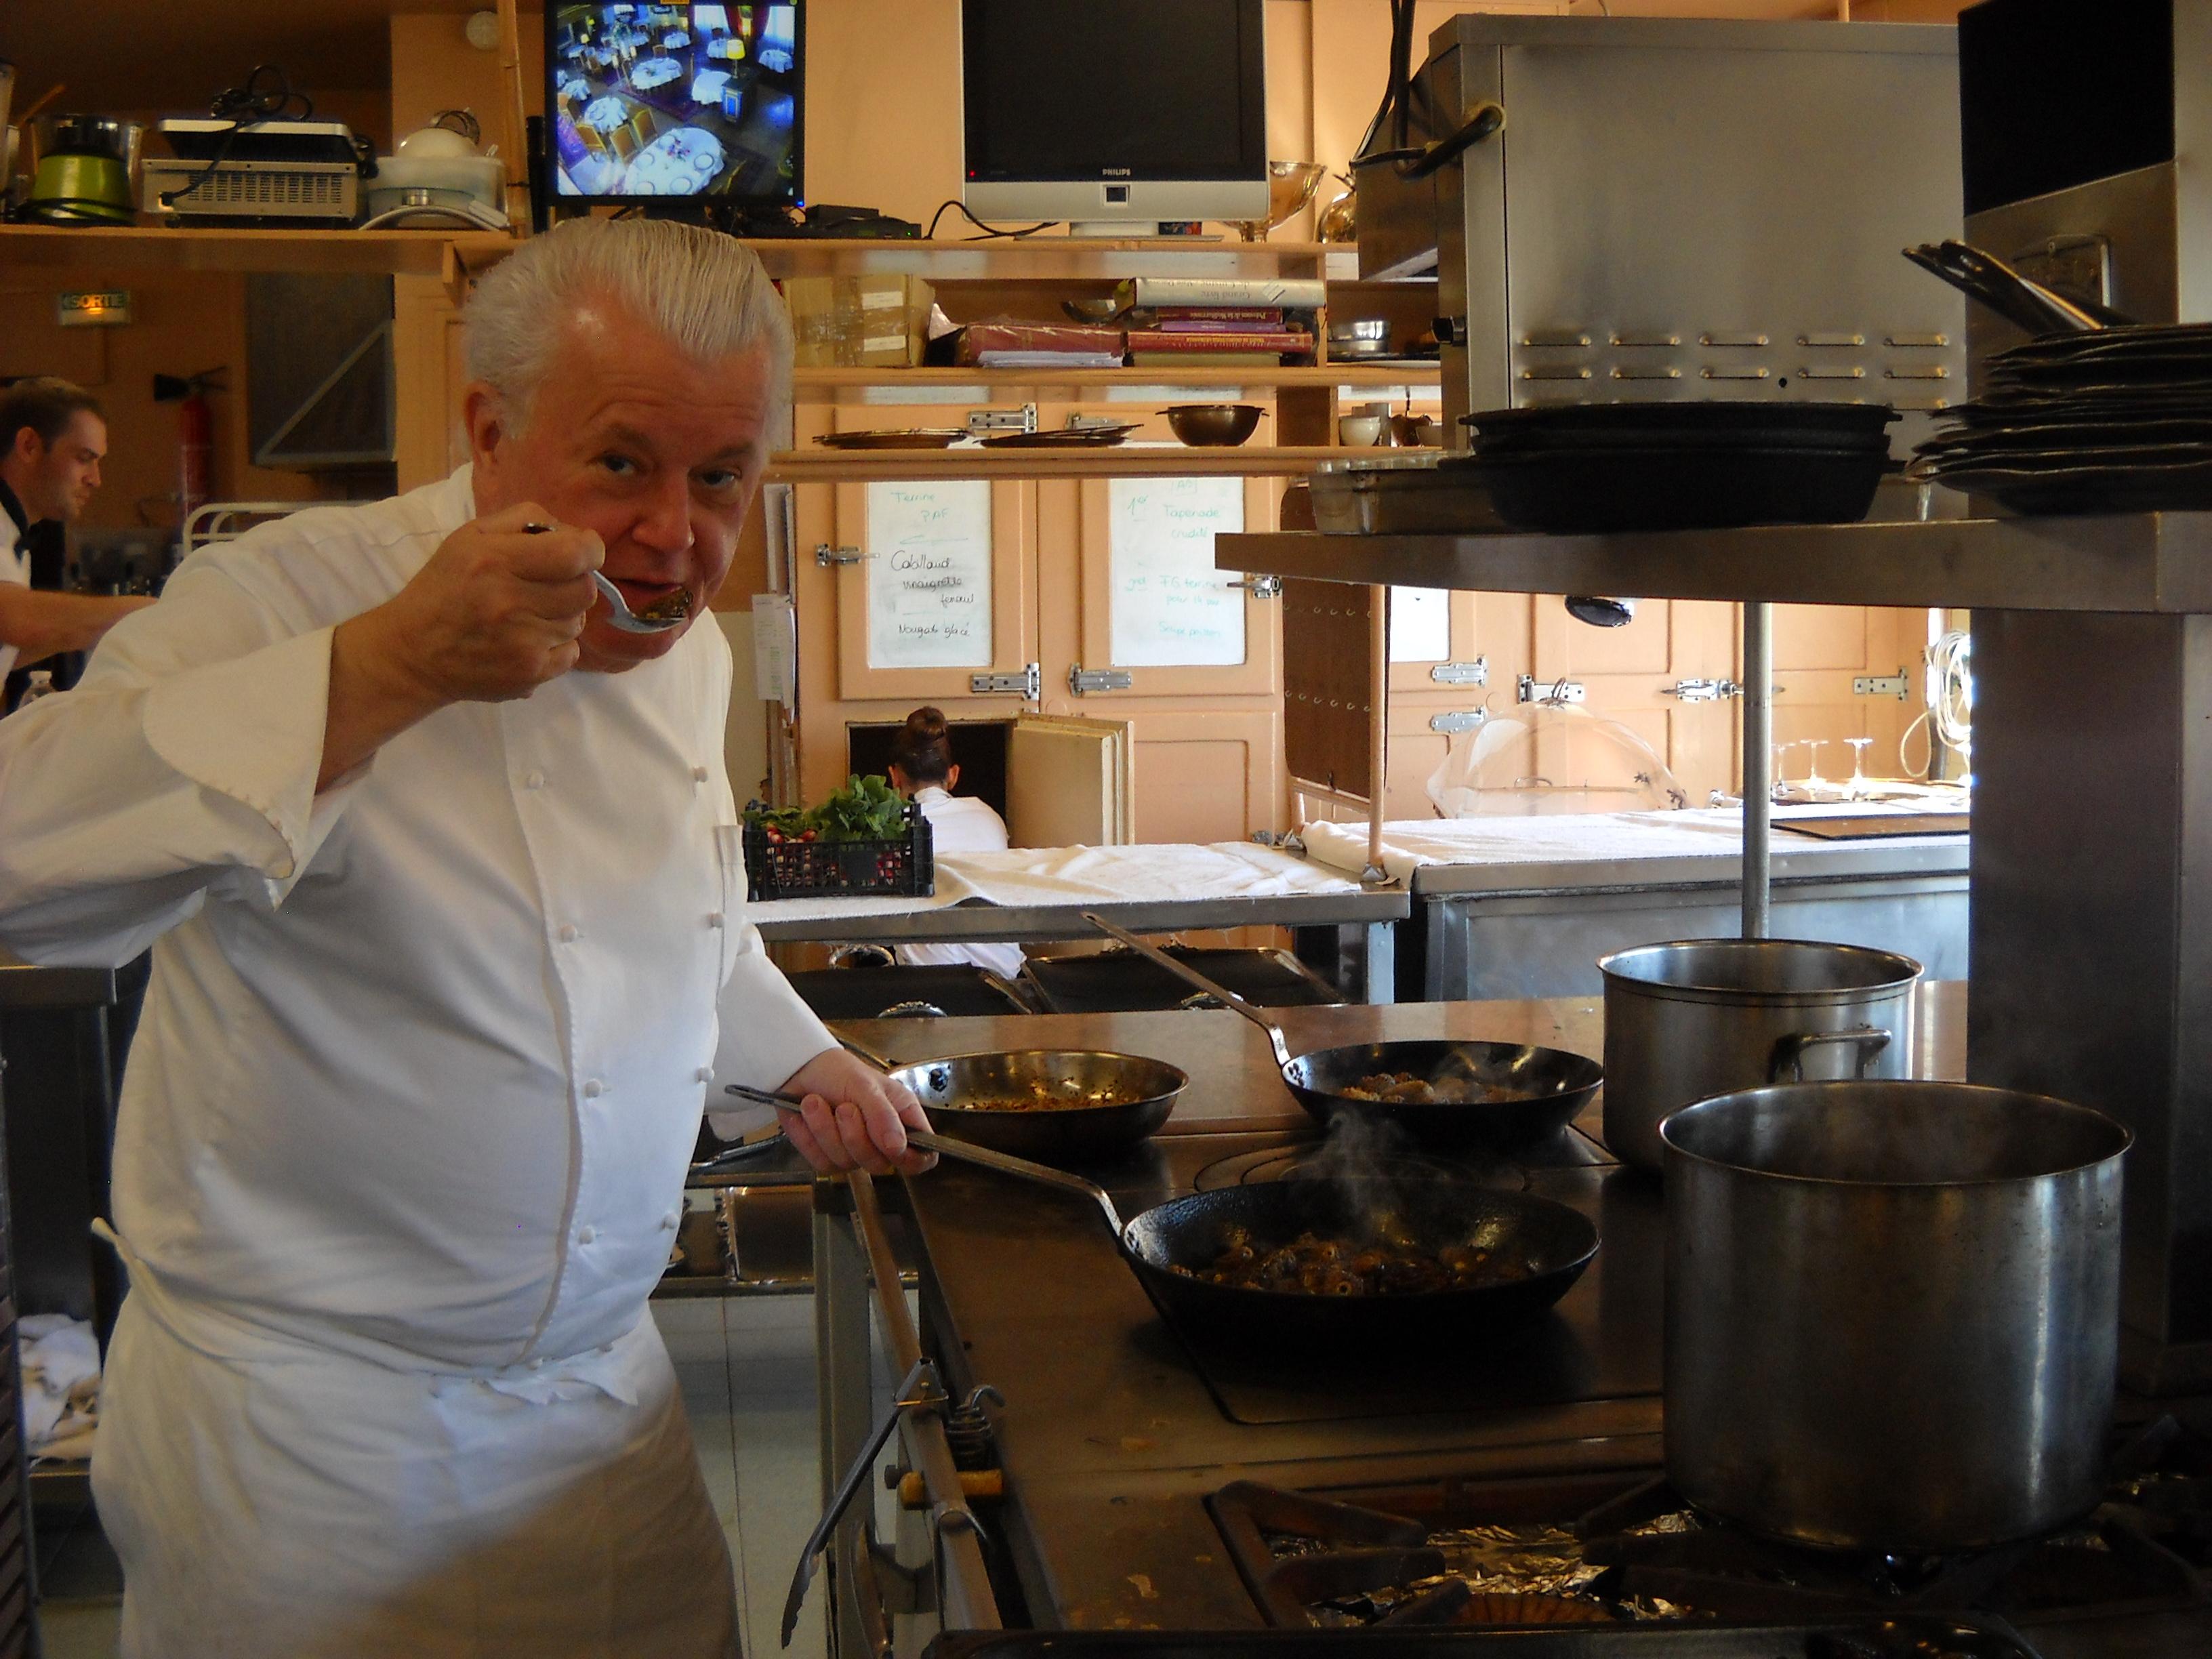 Des cours de cuisine la bonne tape for Grande ecole de cuisine